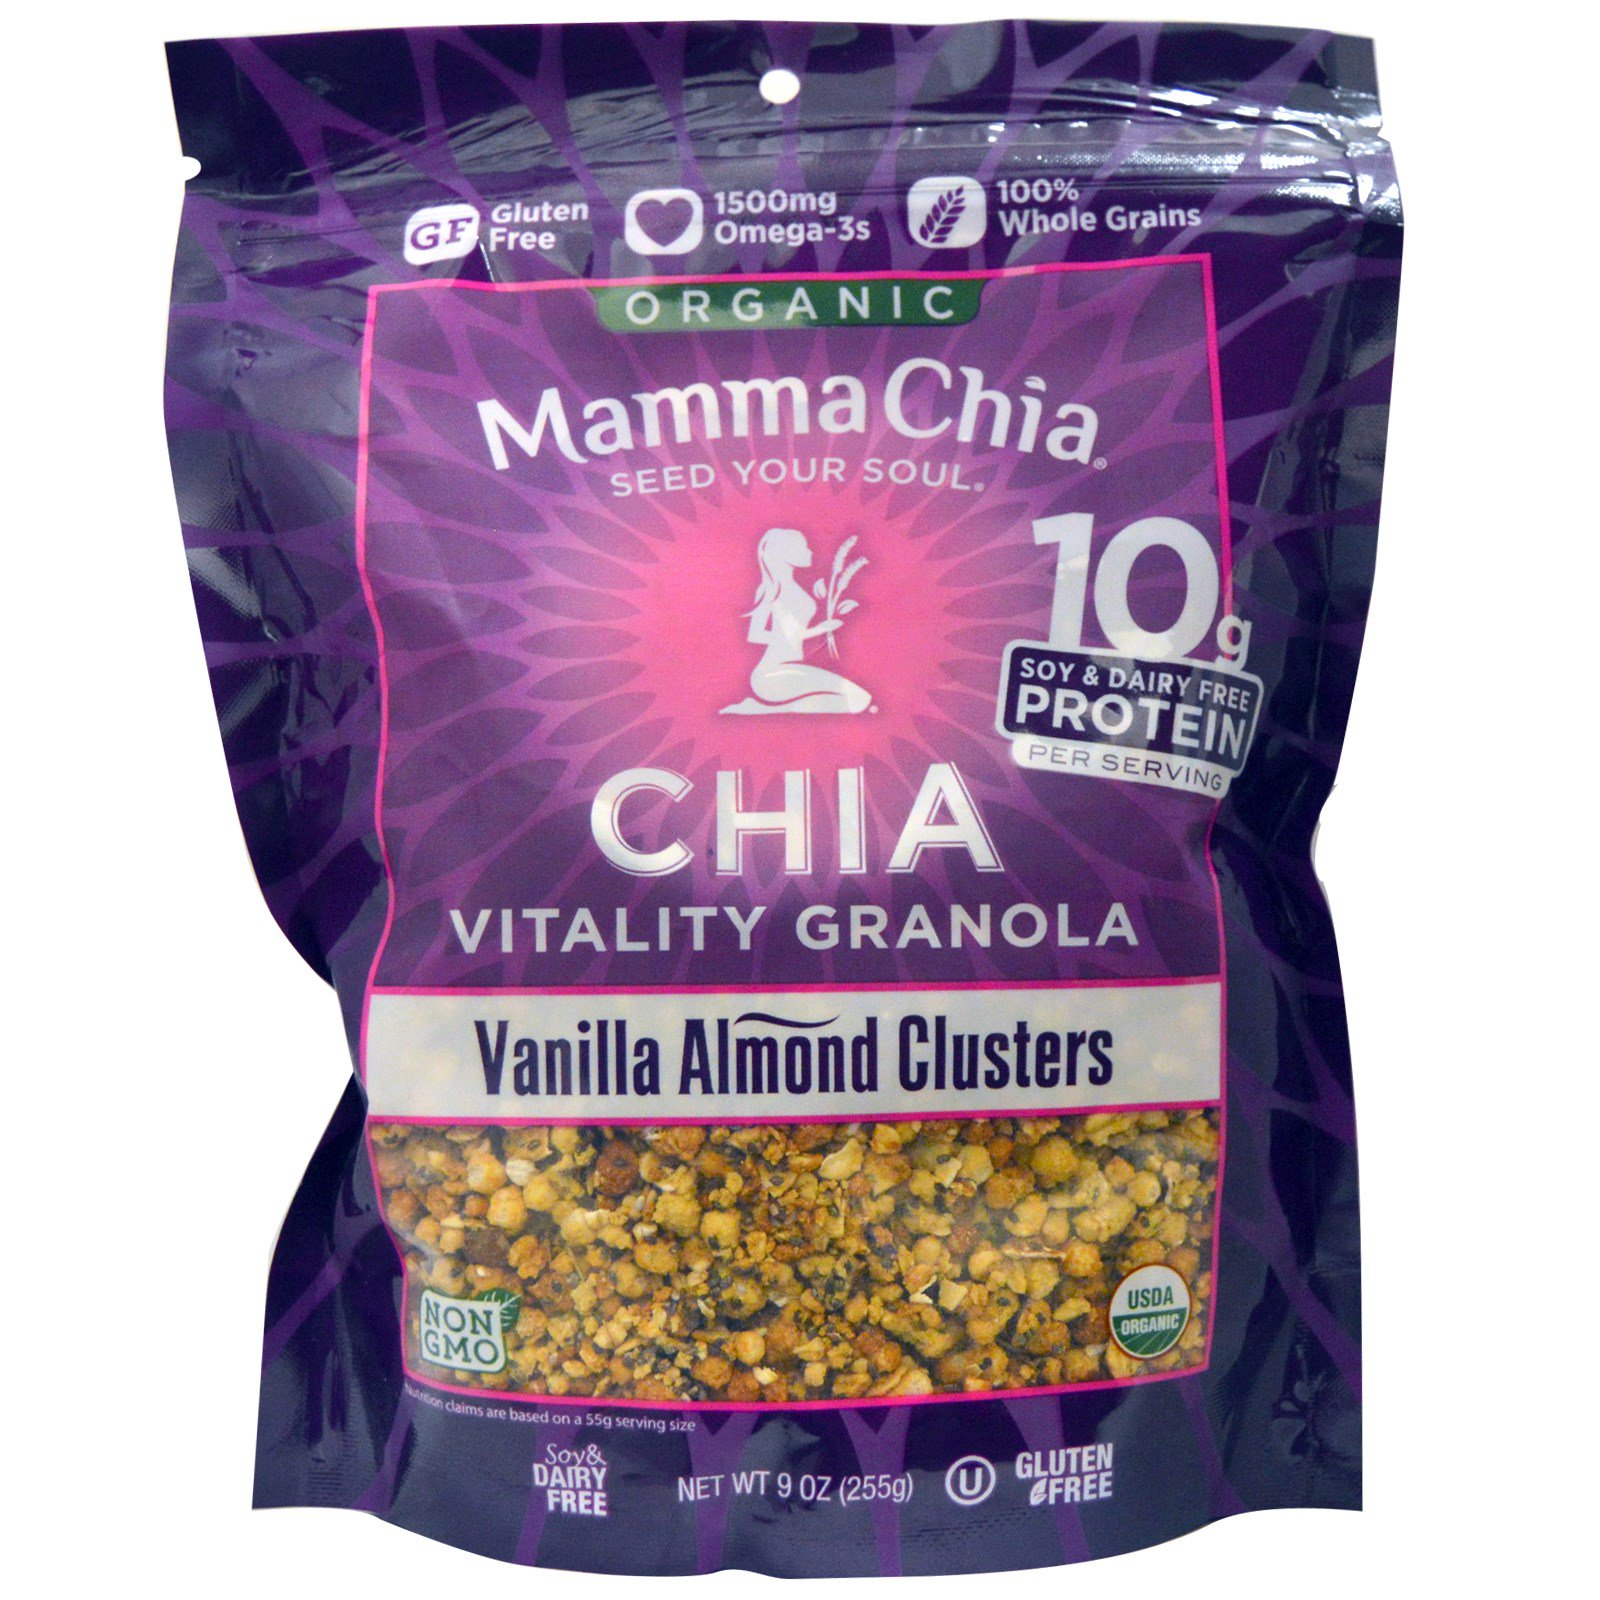 Mamma Chia, Органическая гранола чиа для жизненной силы, кусочки ванильного миндаля, 9 унций (255 г)